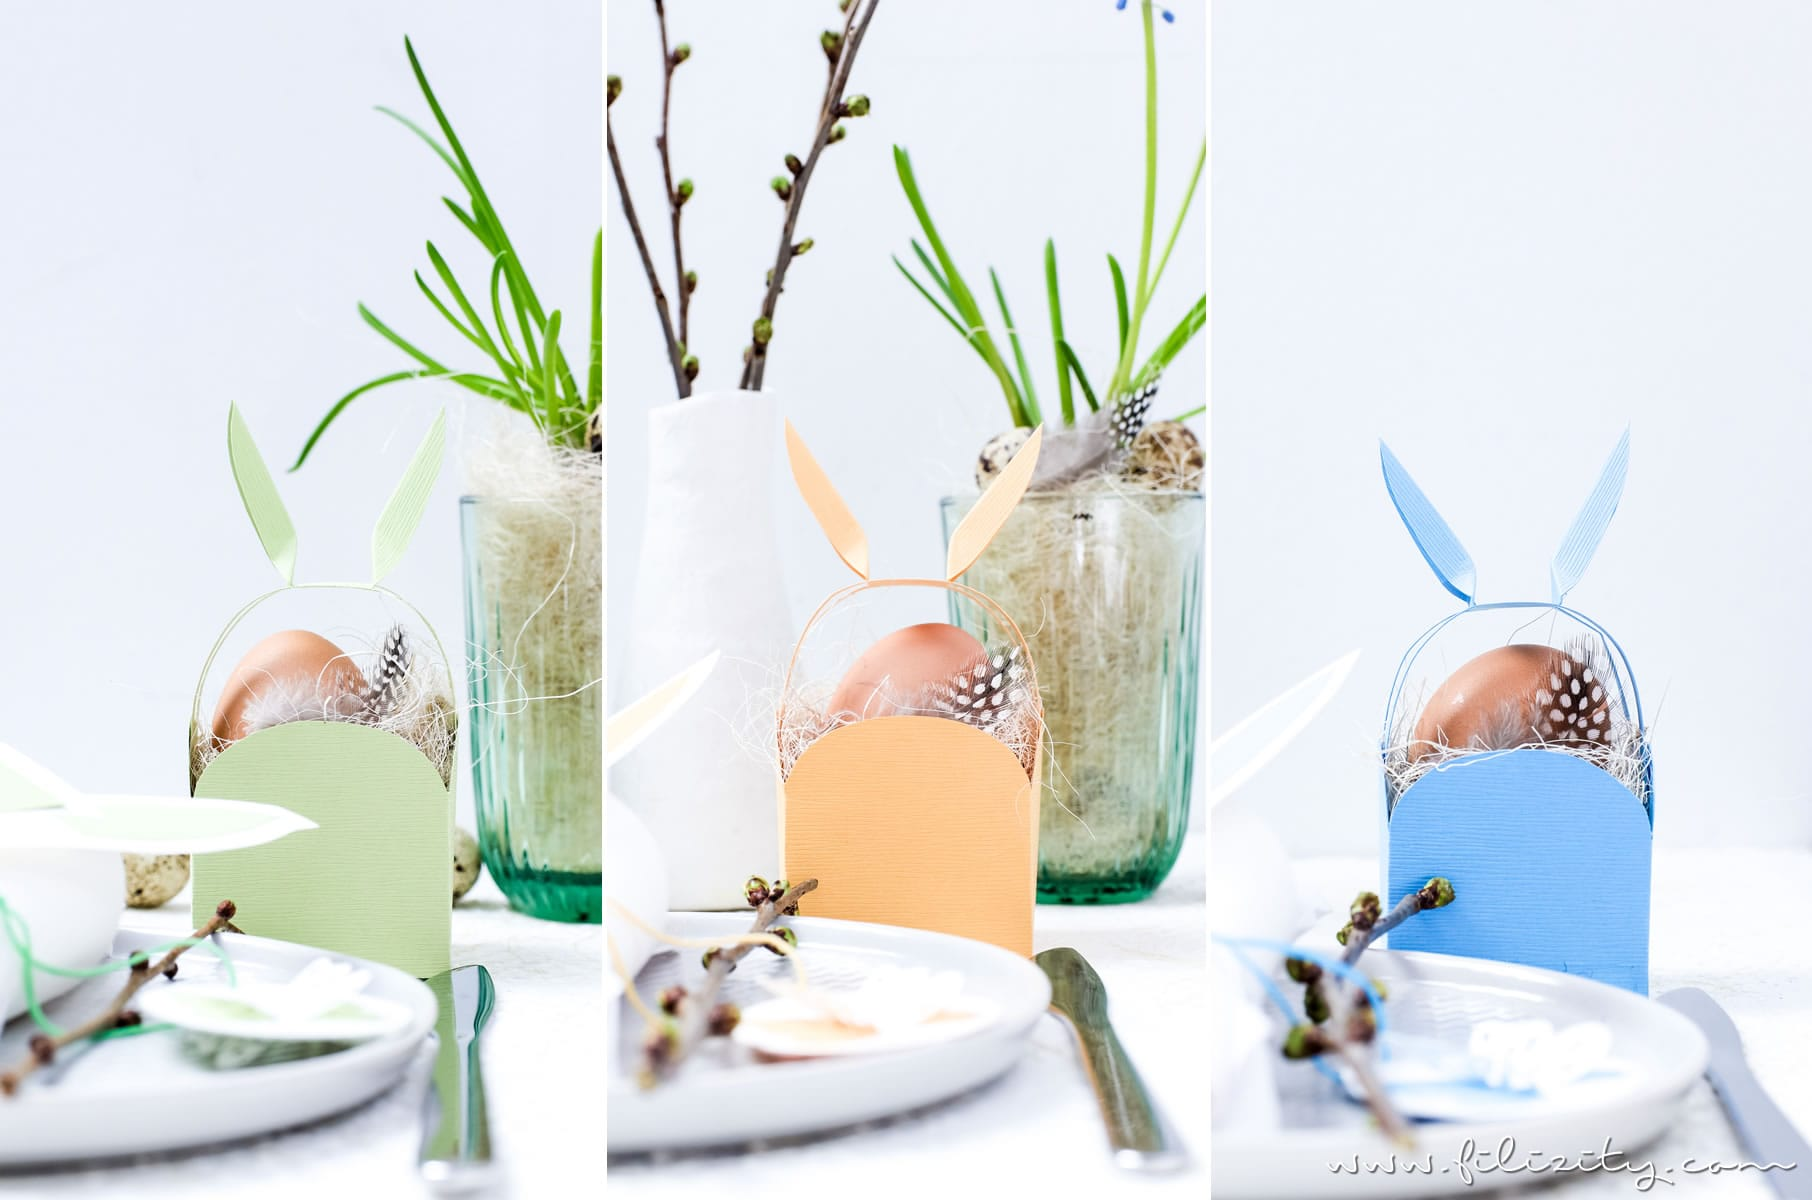 3 DIY Osterdeko Ideen mit Papier selber machen | Osterkorb mit Hasenohren, Osterei-Anhänger, Serviettenringe mit Hasenohren | Filizity.com | DIY-Blog aus dem Rheinland #ostern #osterdeko #artoz